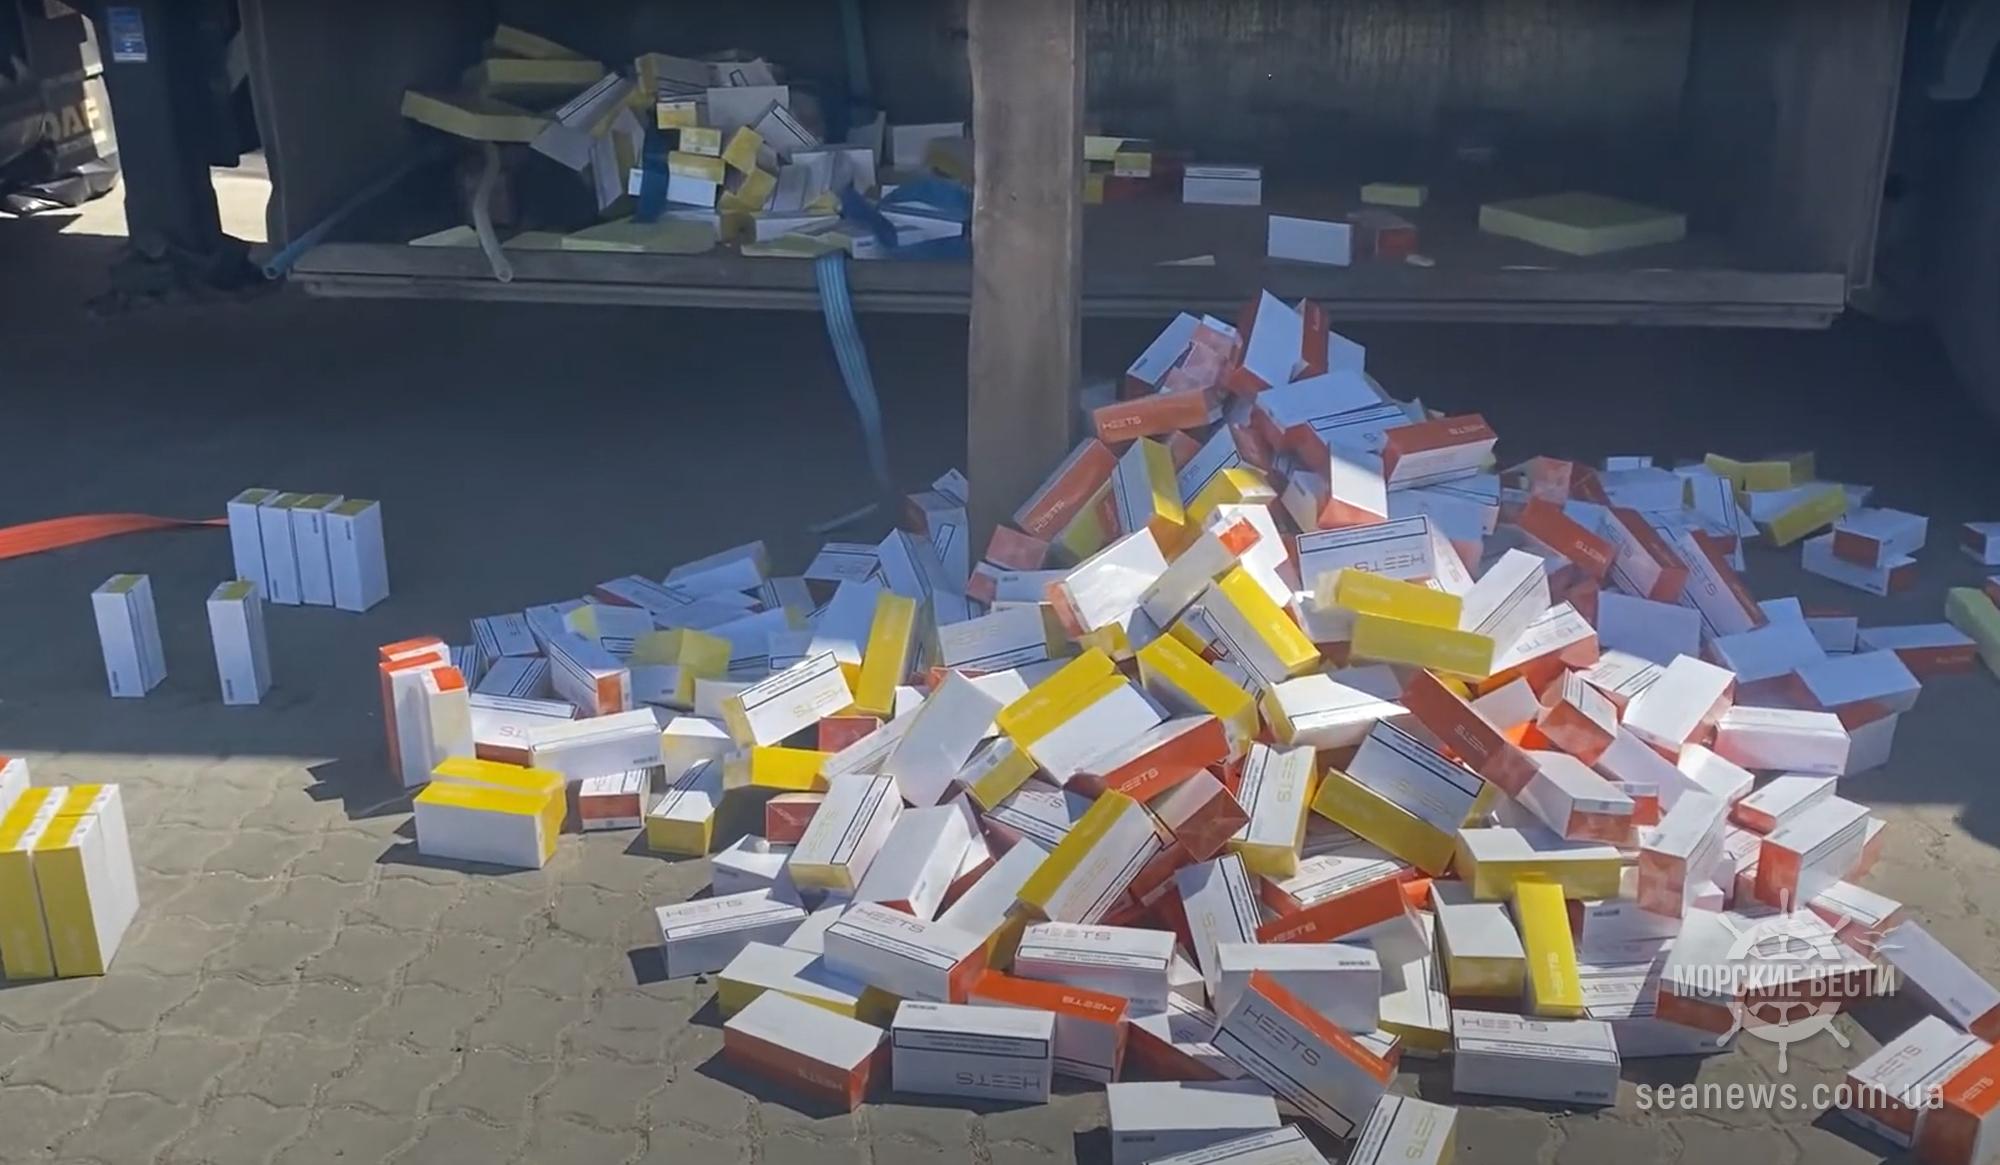 В порту под Одессой нашли большую партию стиков для табака